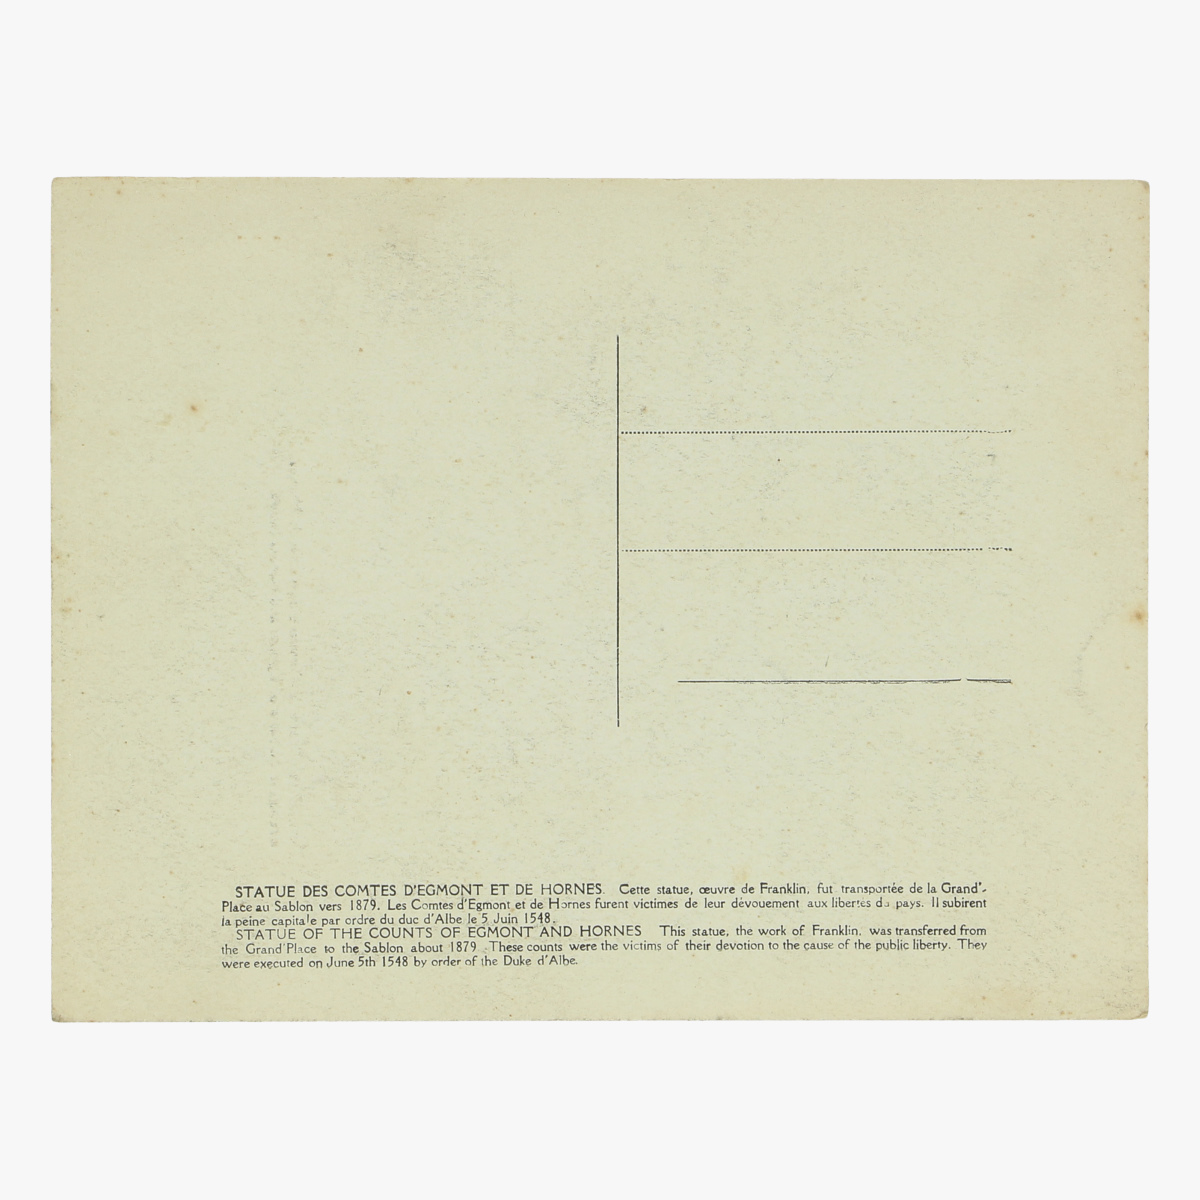 Afbeeldingen van oude postkaart brussels counts of egmont and hornes statue